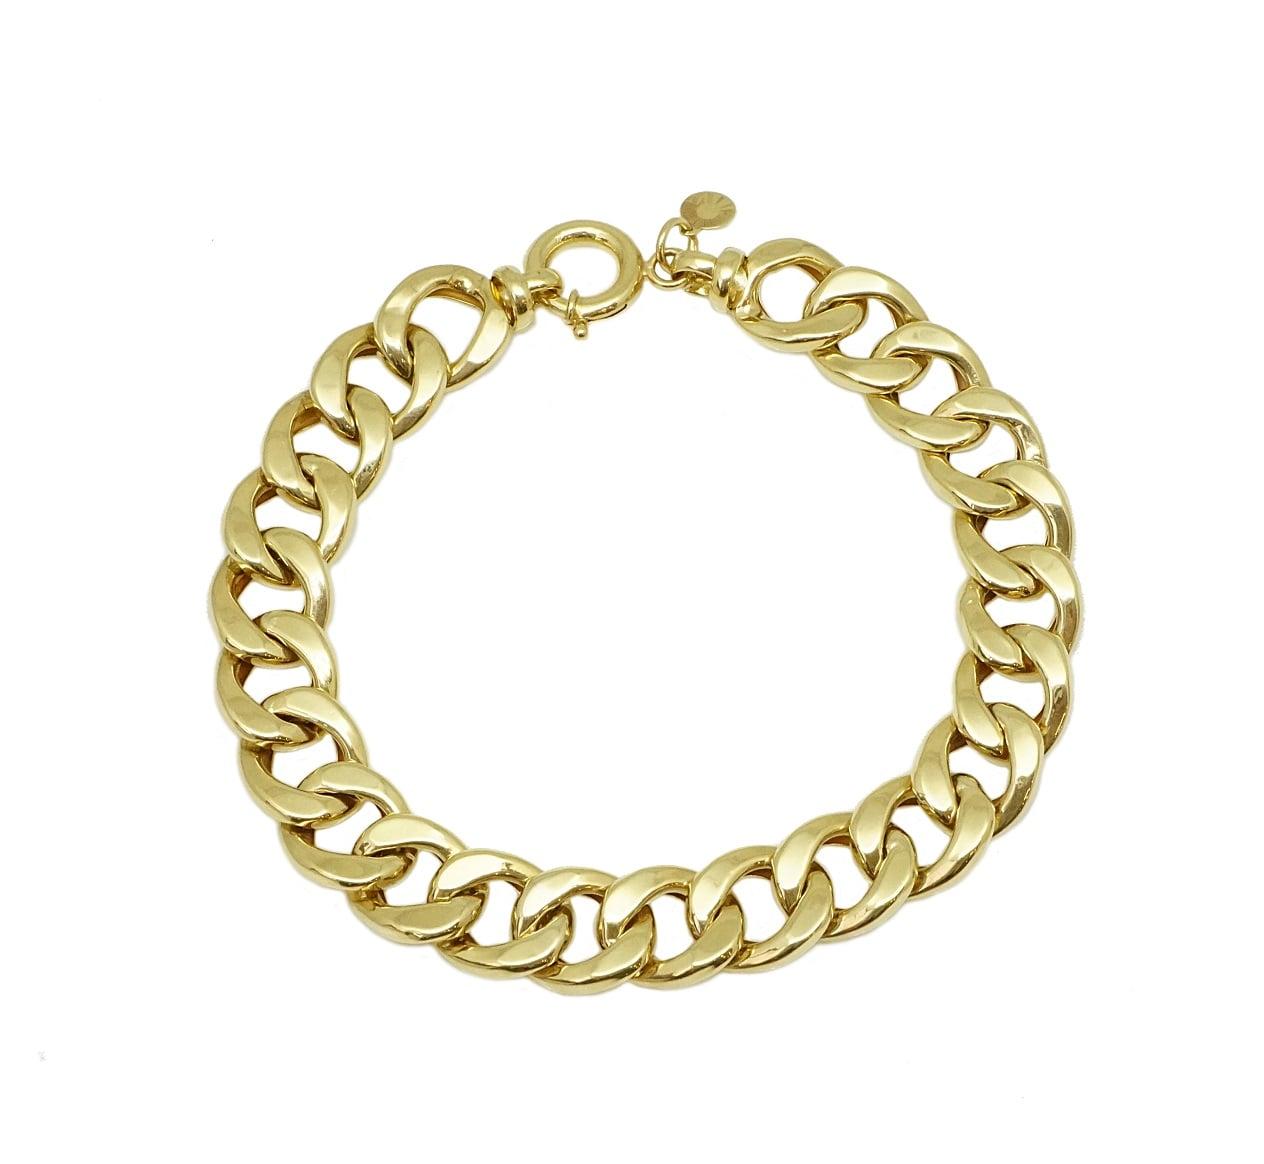 צמיד זהב חוליות לאישה מלא נוכחות דגם CURB